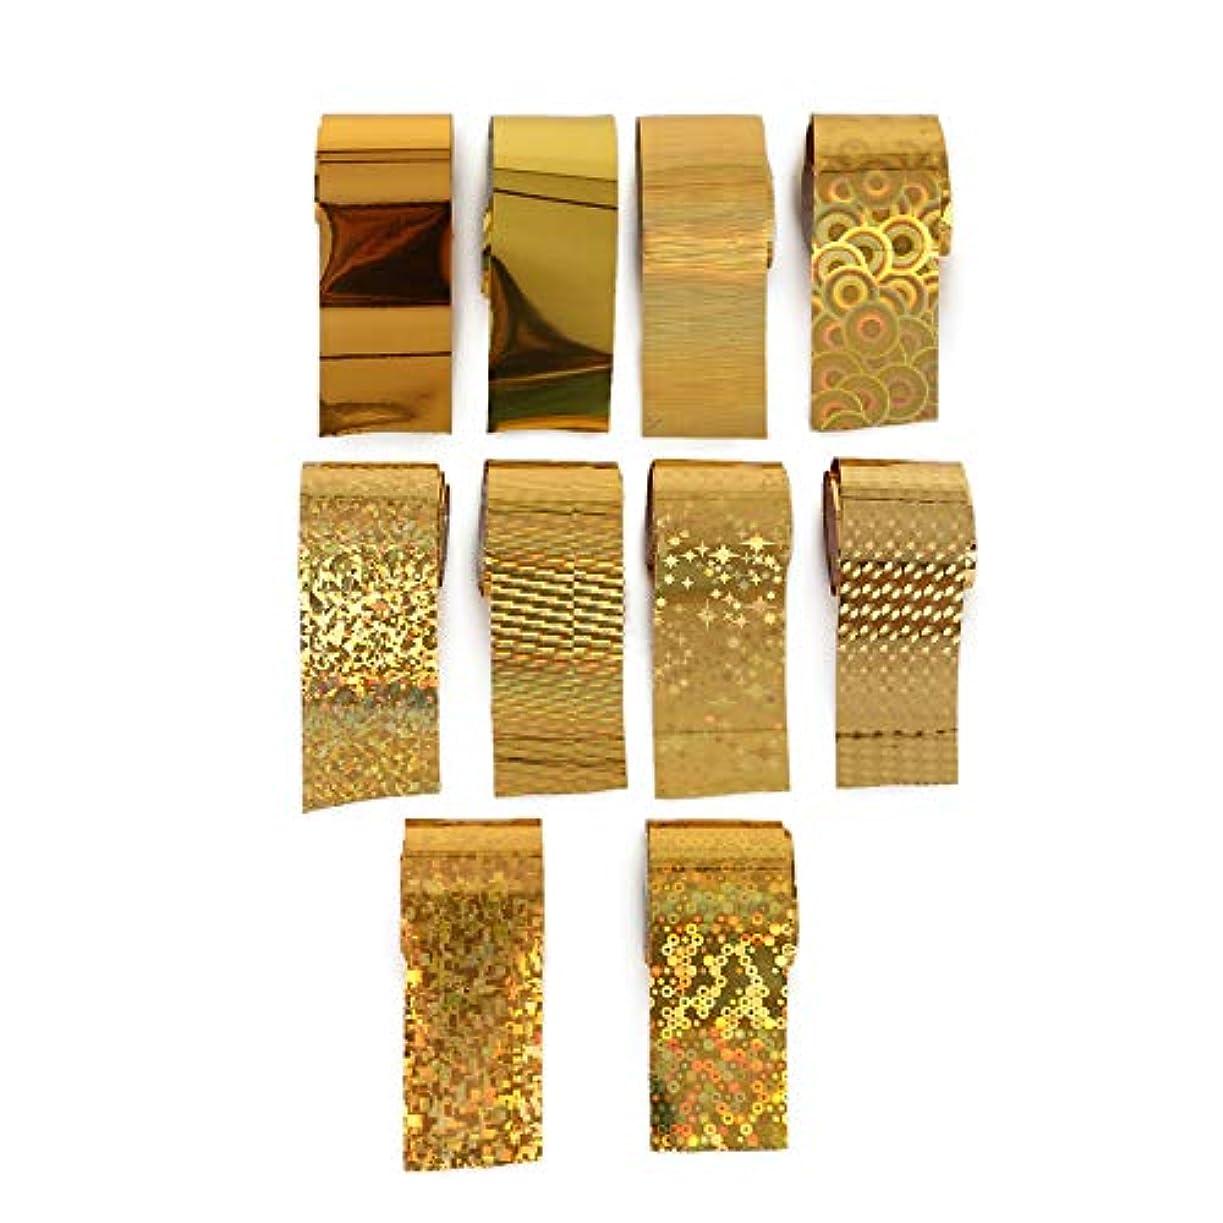 代わりの球体モーションArtlalic 10ロールボックスホログラフィックネイルアートデカールネイルアートステッカーチャームグラデーションゴールドdiy